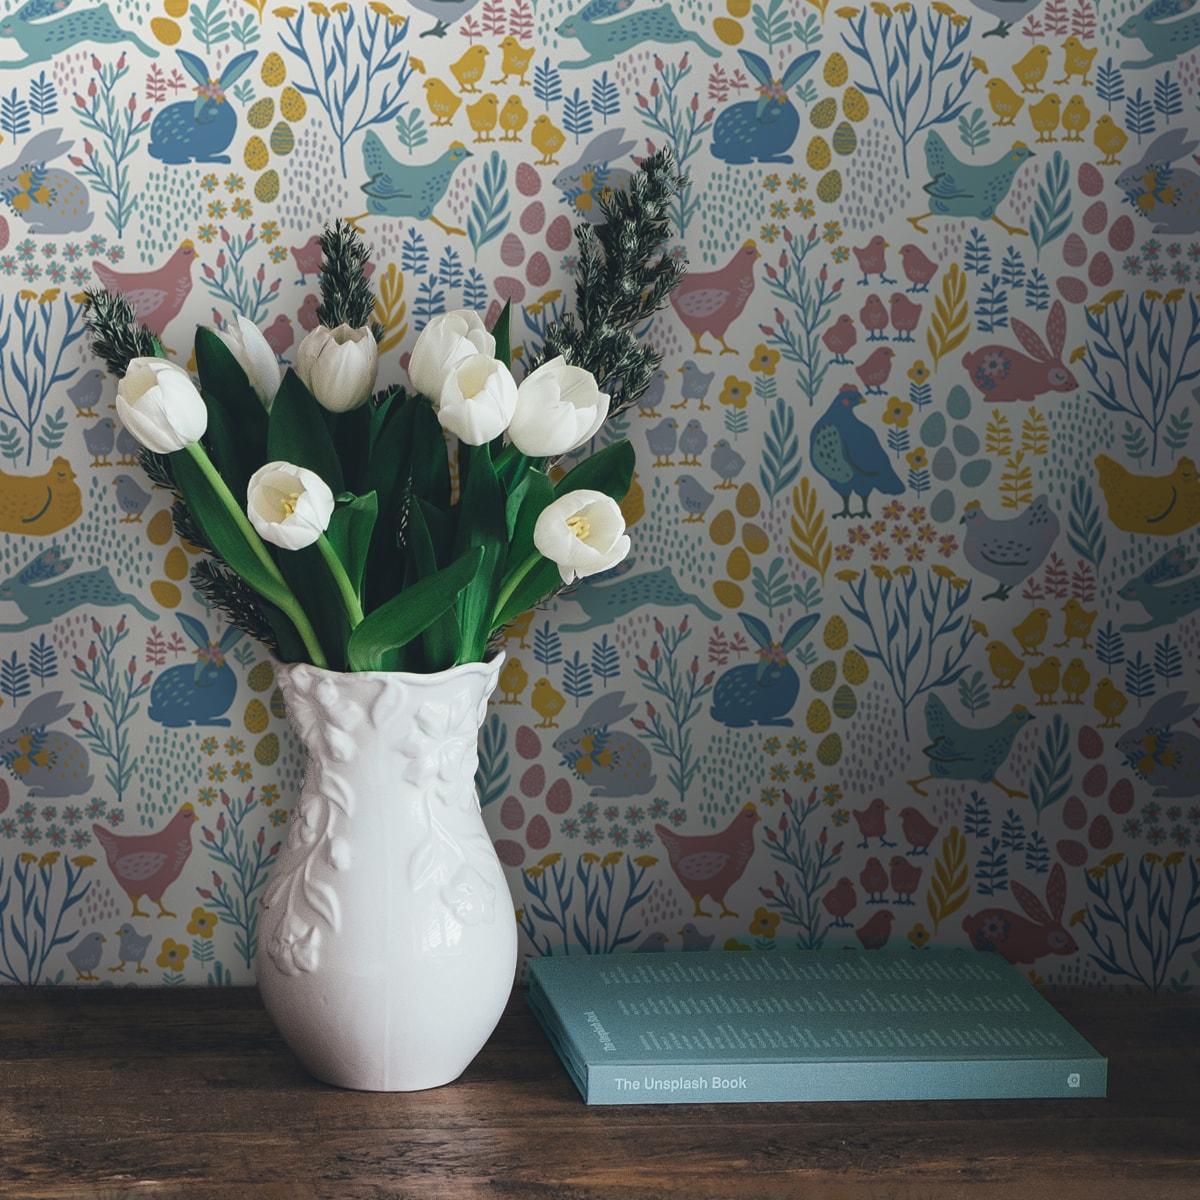 """Küchentapete gelb: Bunte Vlies Tapete """"Hoppelgarten"""" mit bunten Hühnern, Hasen und Blumen vom Land - große Wandgestaltung Küche Flur Kinderzimmer"""